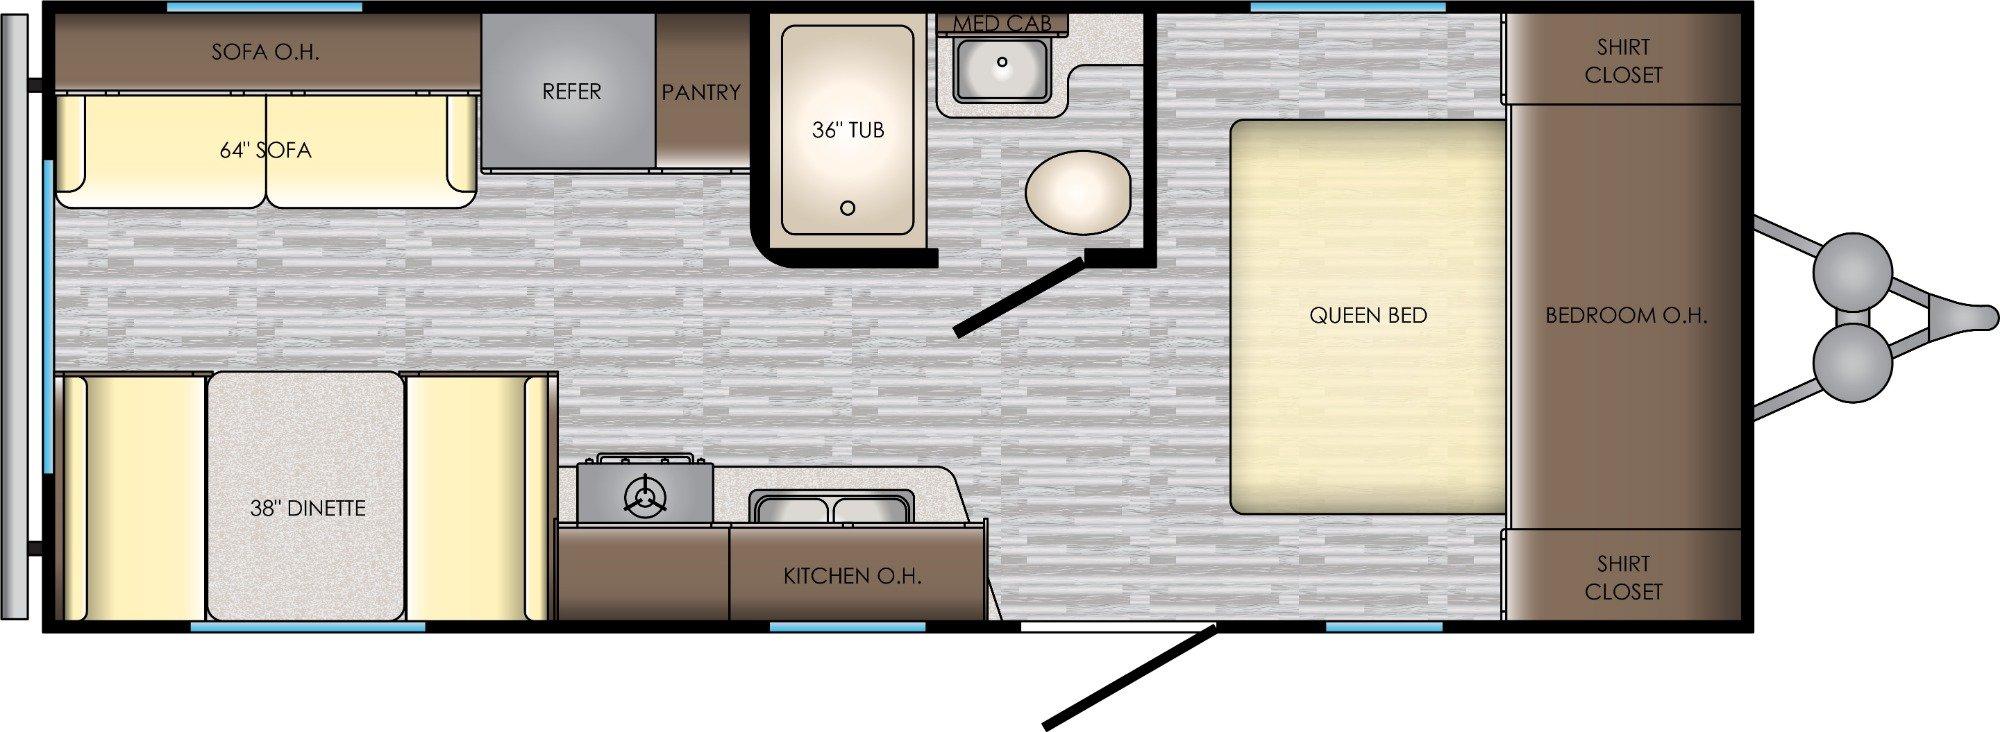 View Floor Plan for 2020 CROSSROADS ZINGER 211RD